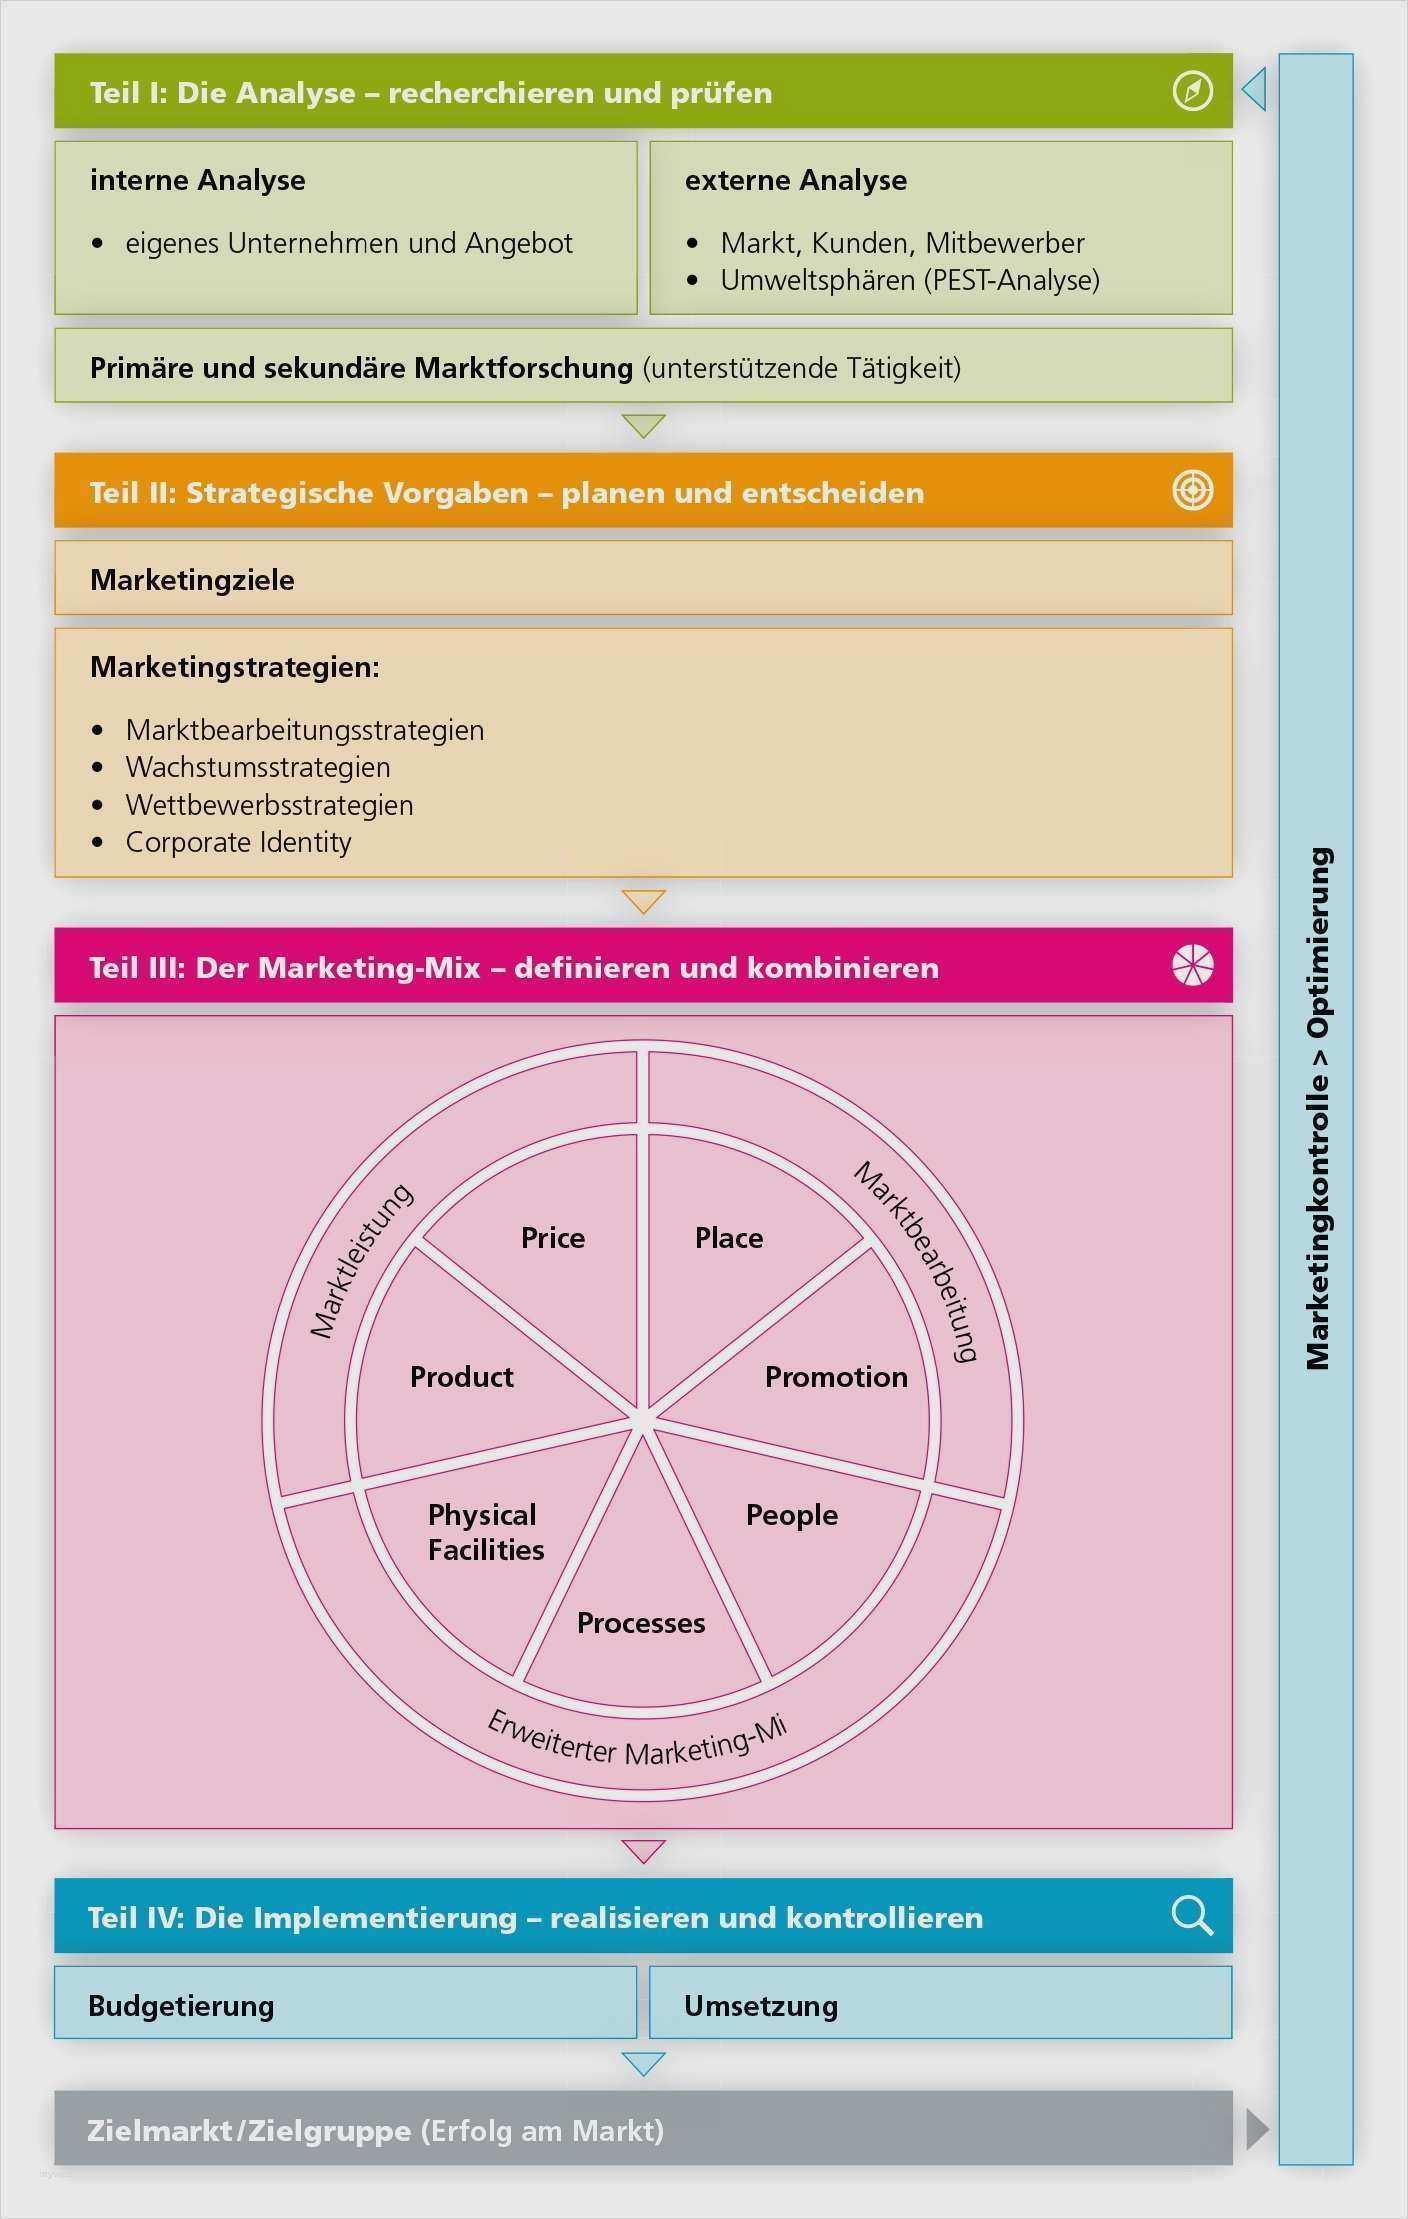 28 Erstaunlich Crm Konzept Vorlage Ideen In 2020 Marketing Konzept Vorlagen Konzept